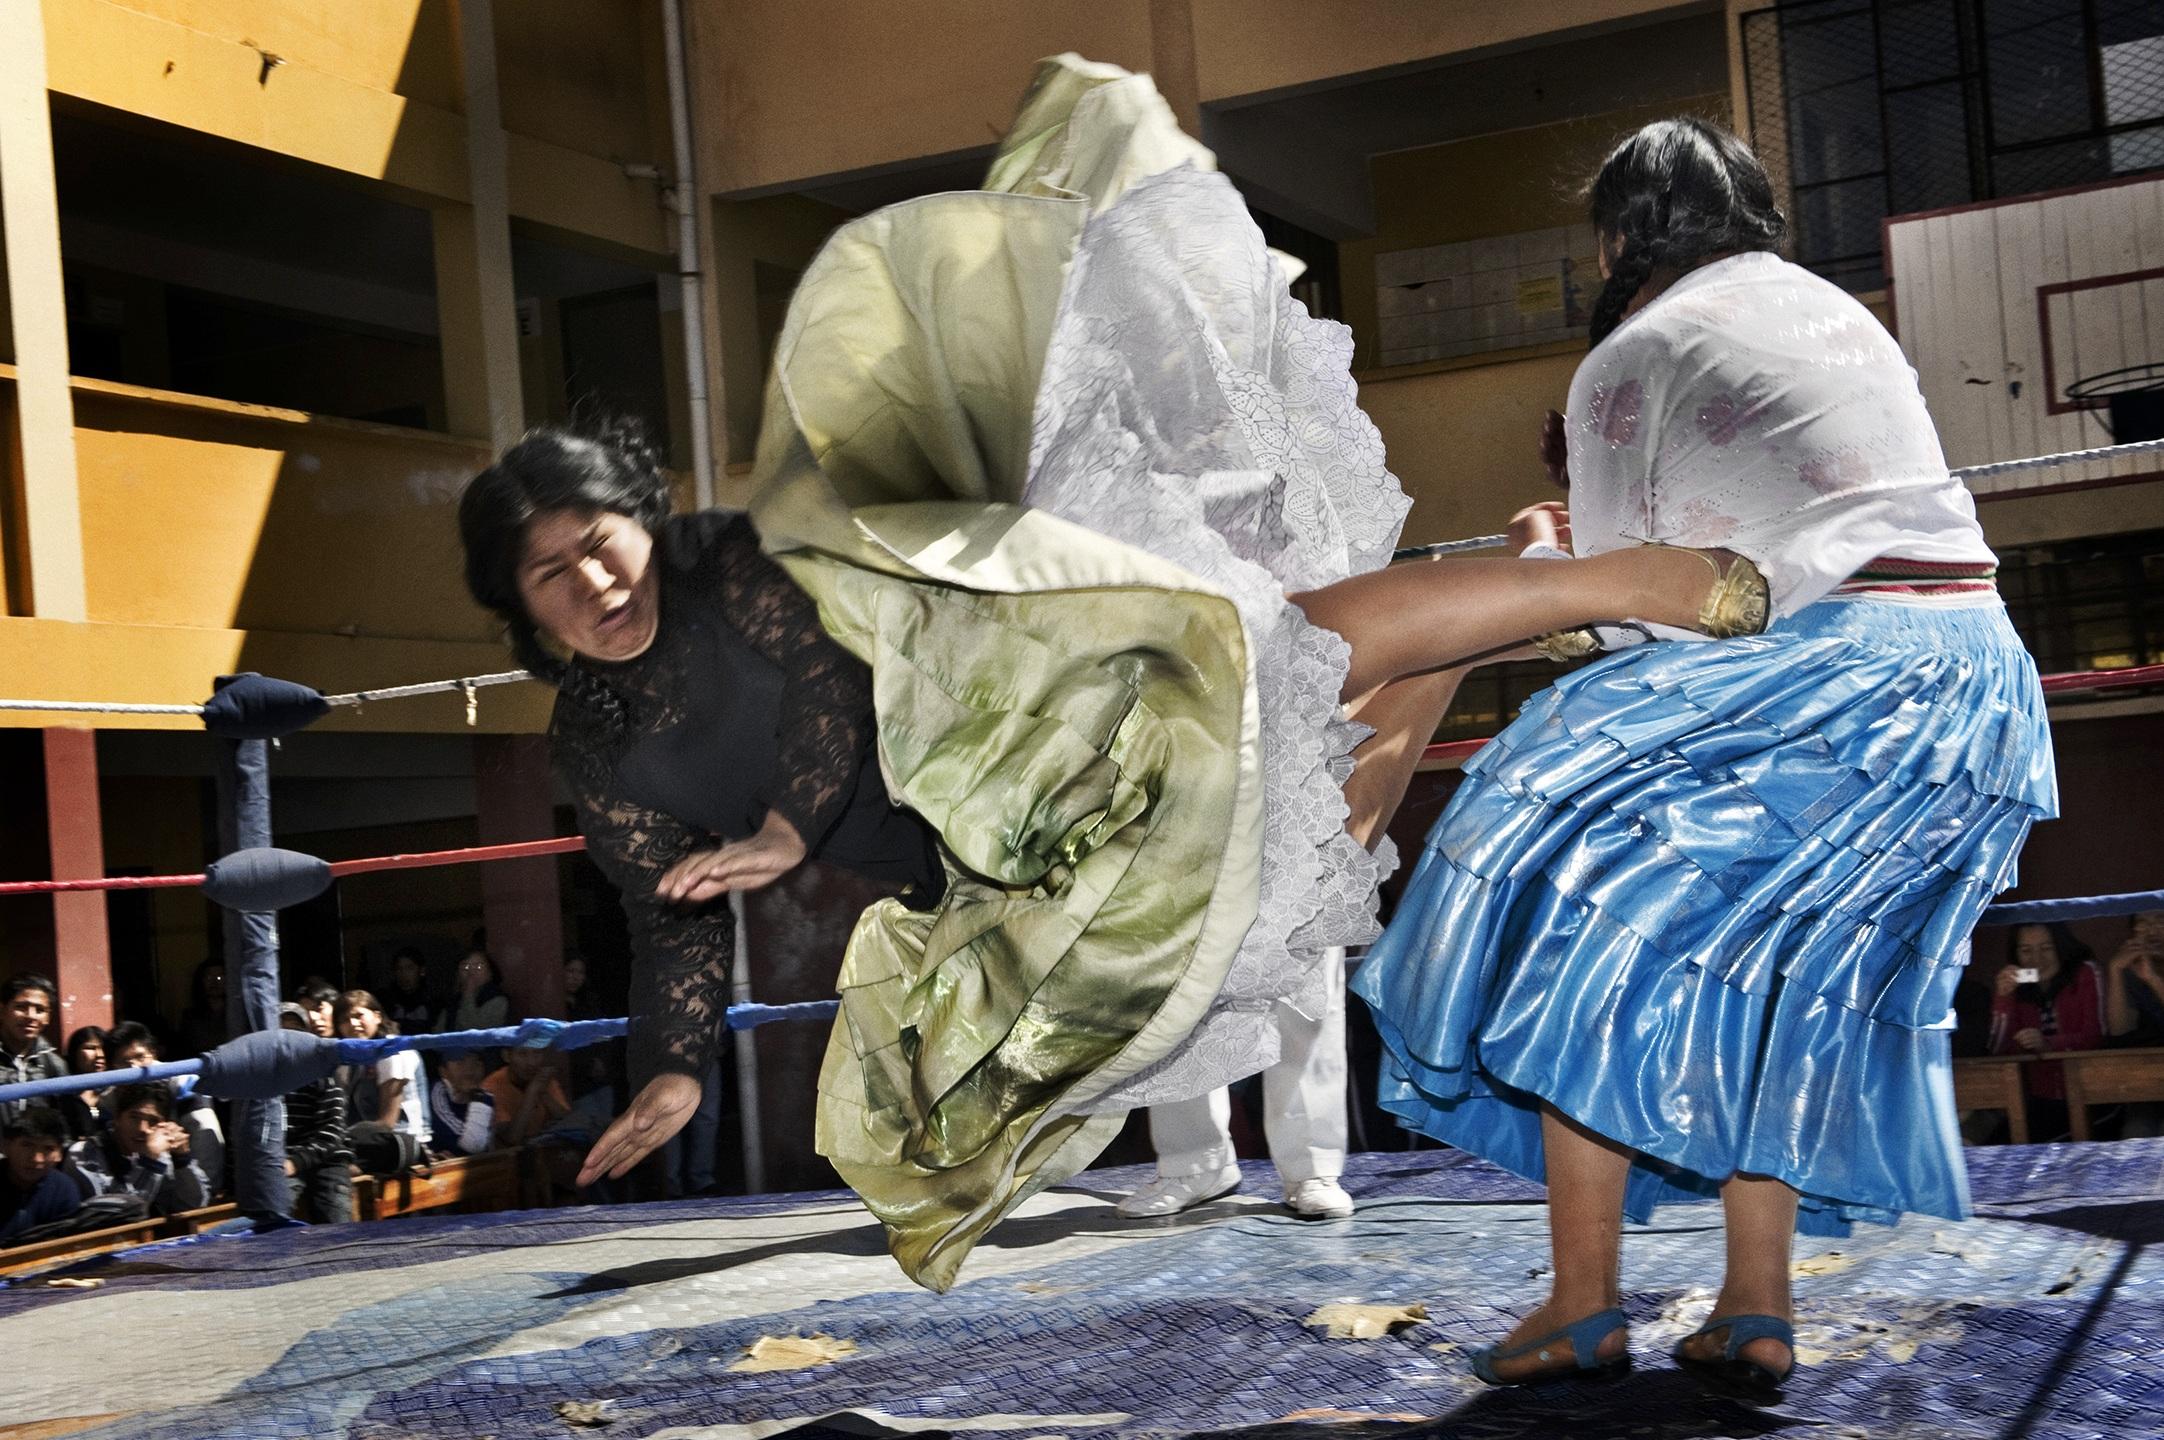 2. nagroda w kategorii Sztuka i Rozrywka - reportaż: Daniele Tamagni, Włochy, Latające Cholitas, Boliwia